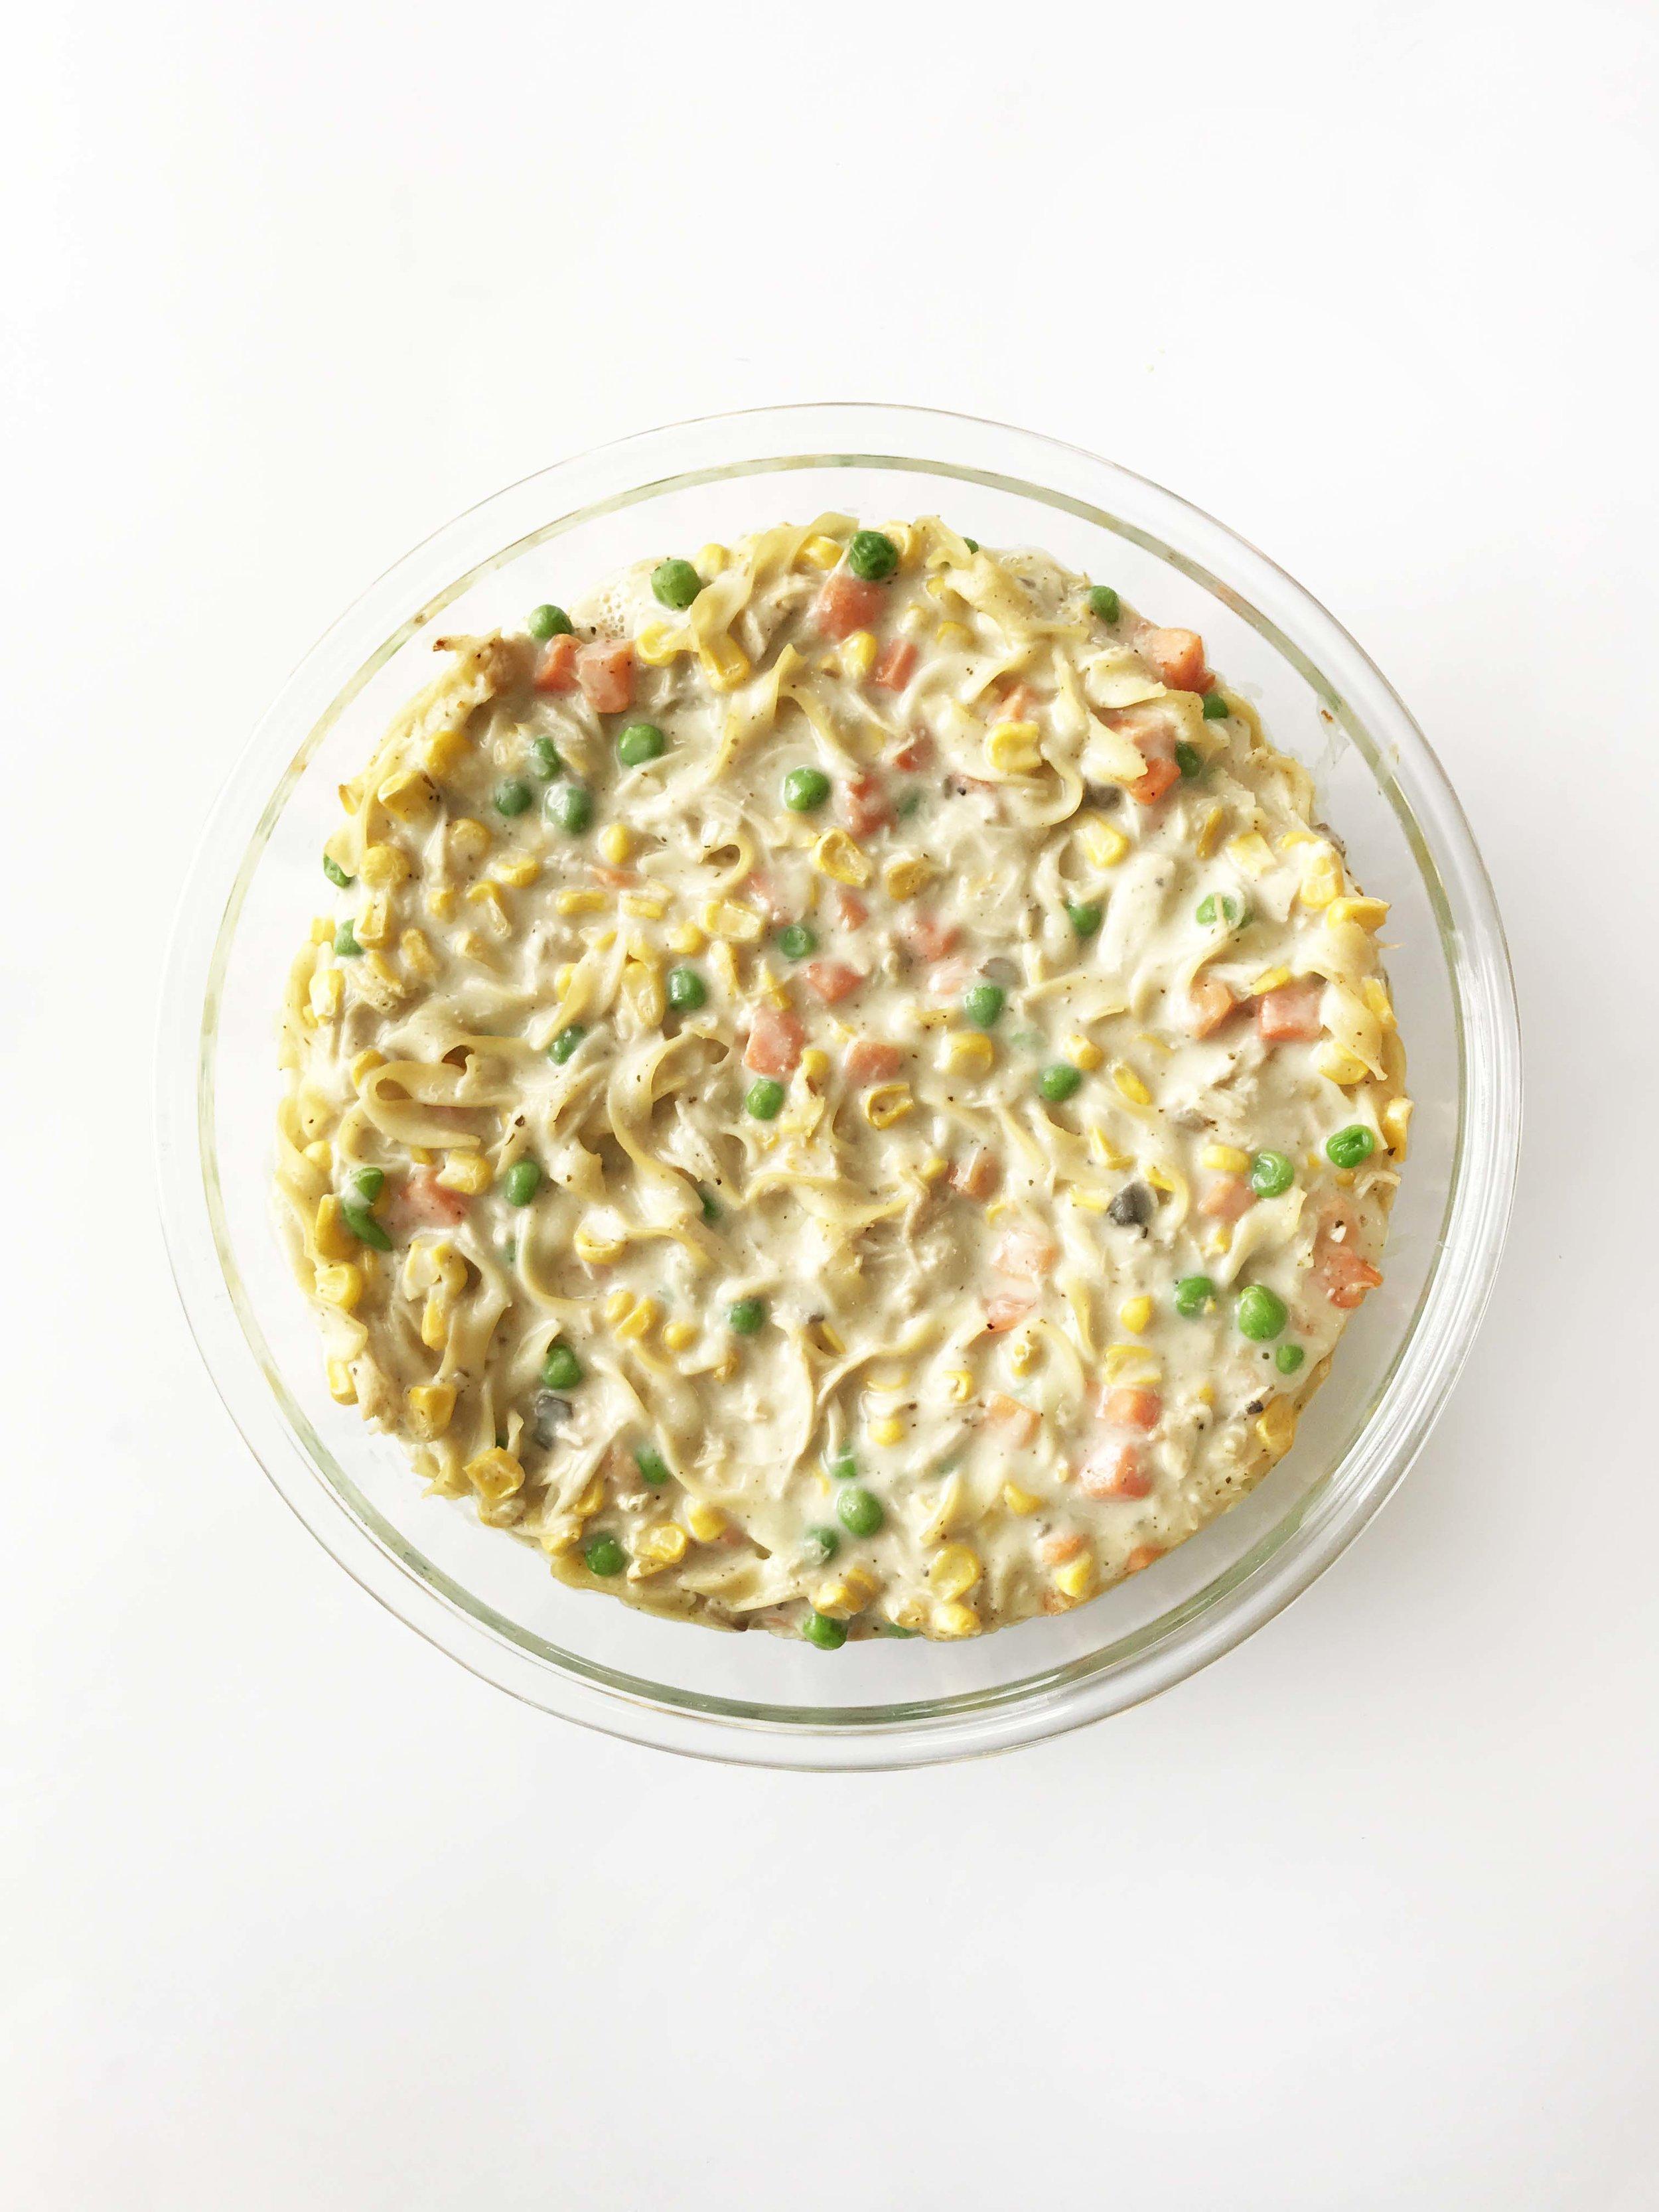 chicken-noodle-casserole4.jpg